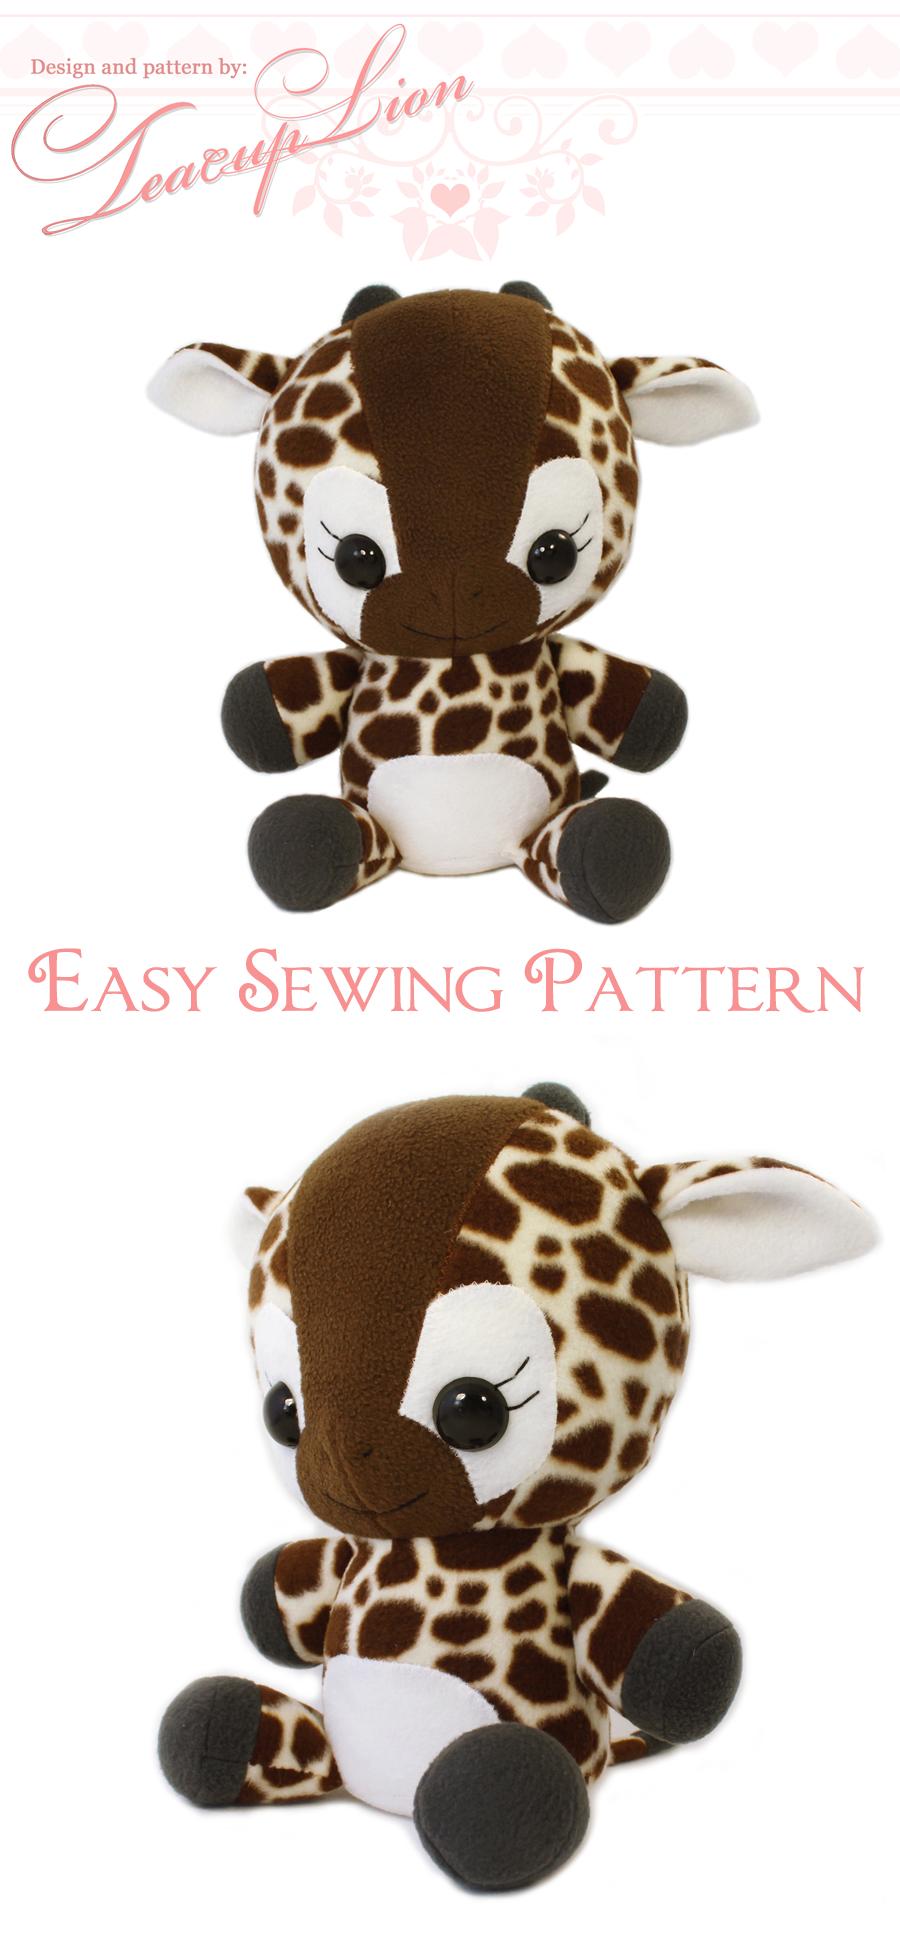 Plush Sewing Pattern Pdf Giraffe Stuffed Animal Kawaii Easy Etsy Giraffe Stuffed Animal Sewing Stuffed Animals Giraffe Sewing Pattern [ 1935 x 900 Pixel ]